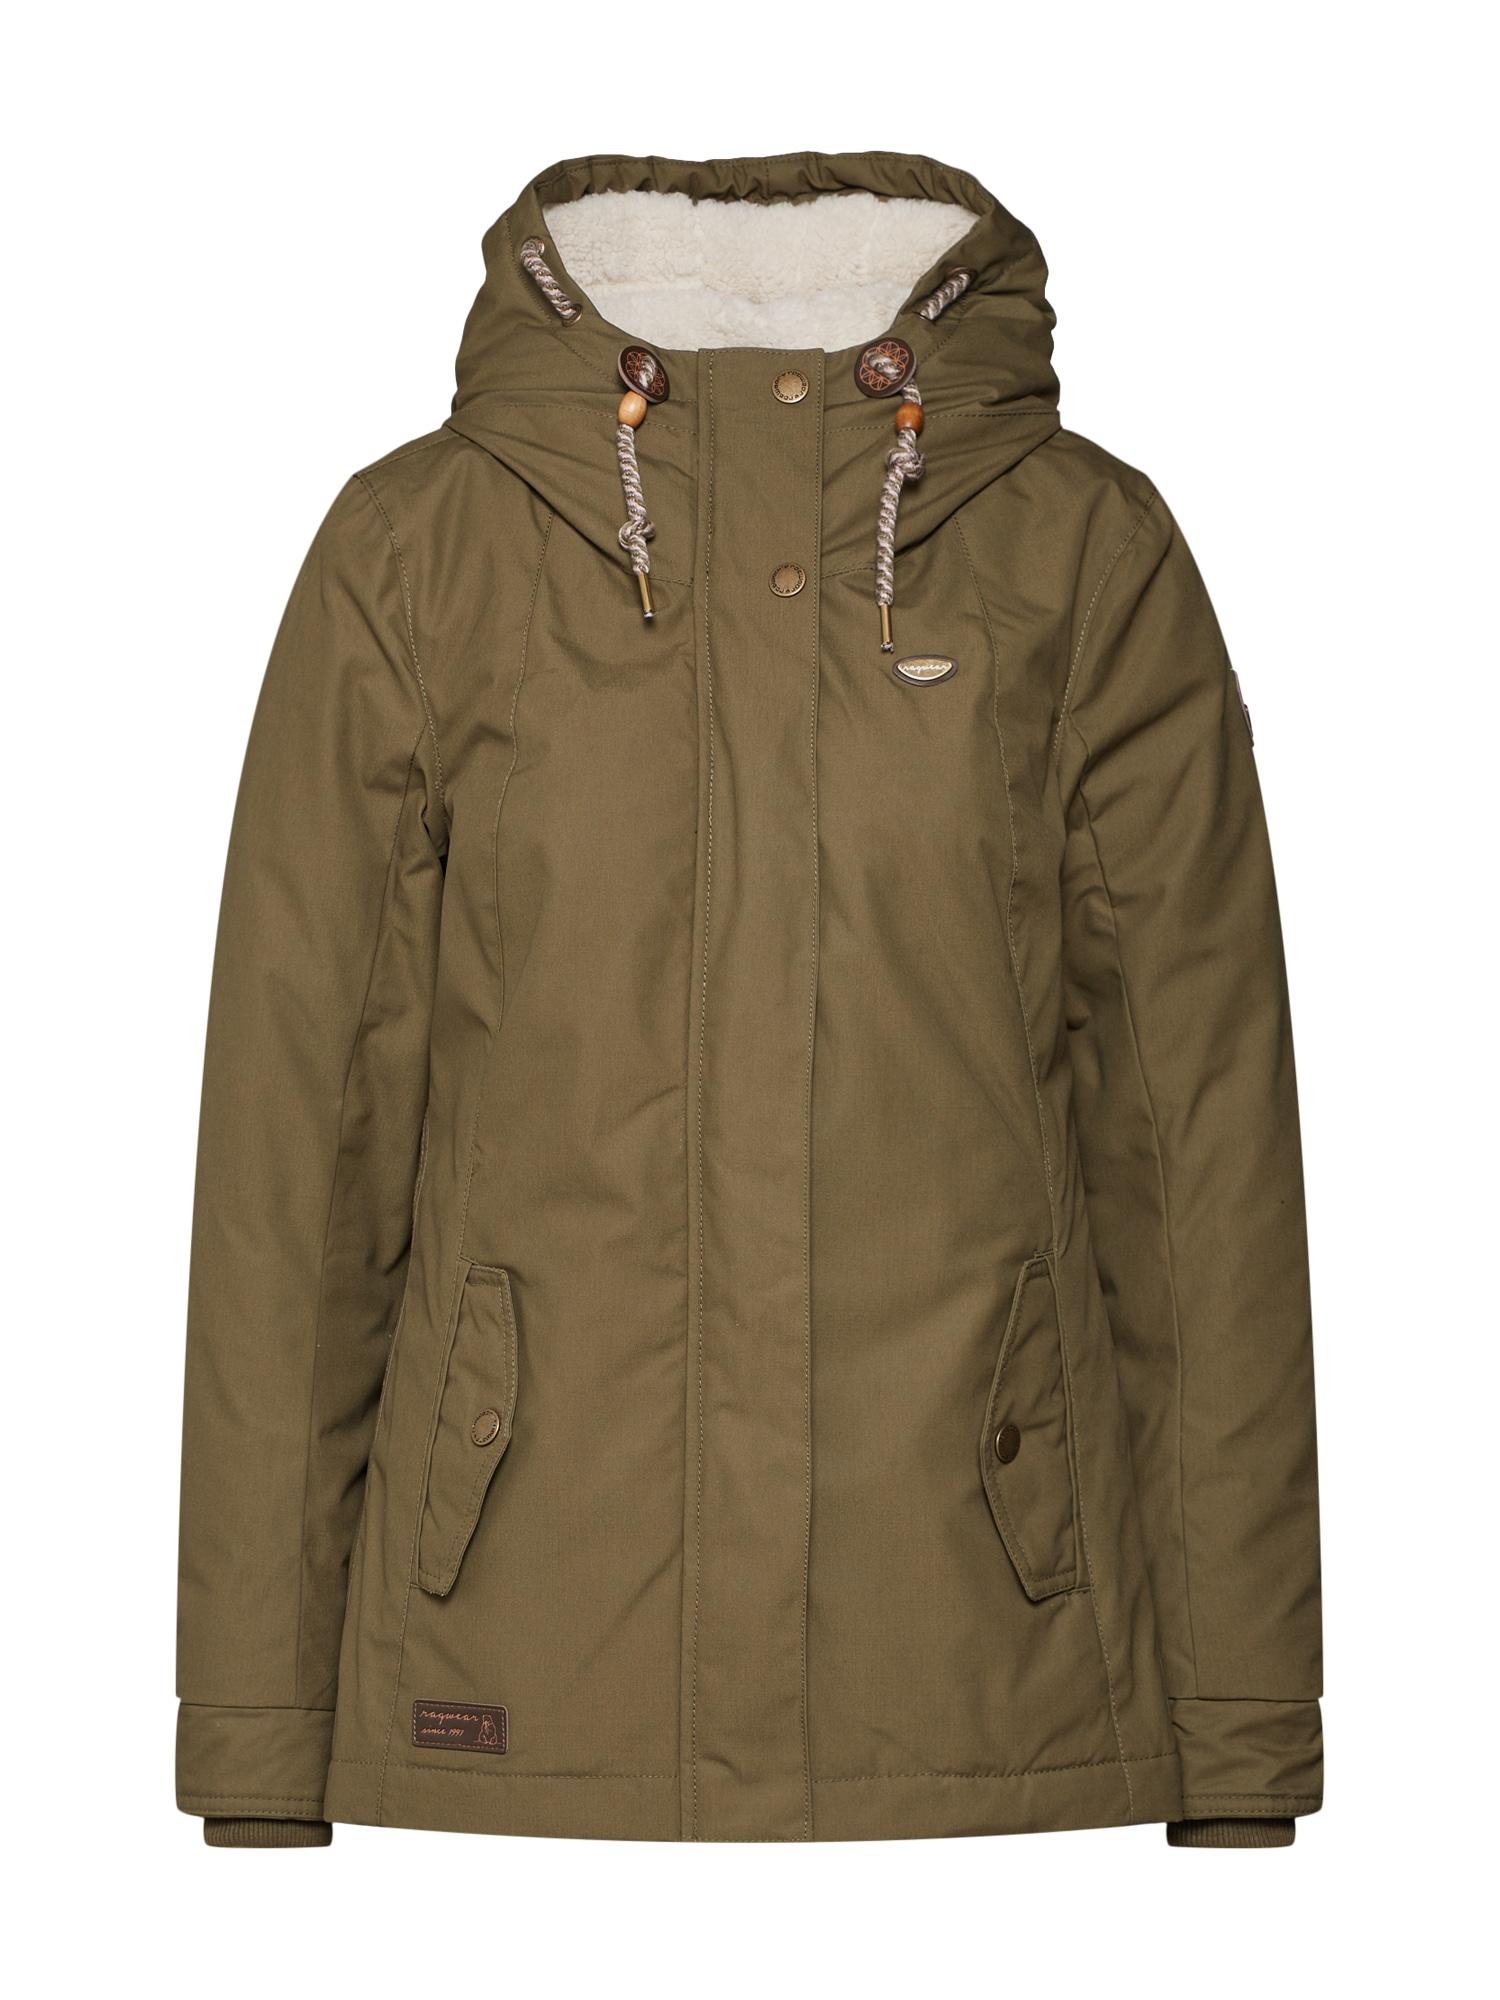 Přechodná bunda Monade olivová Ragwear